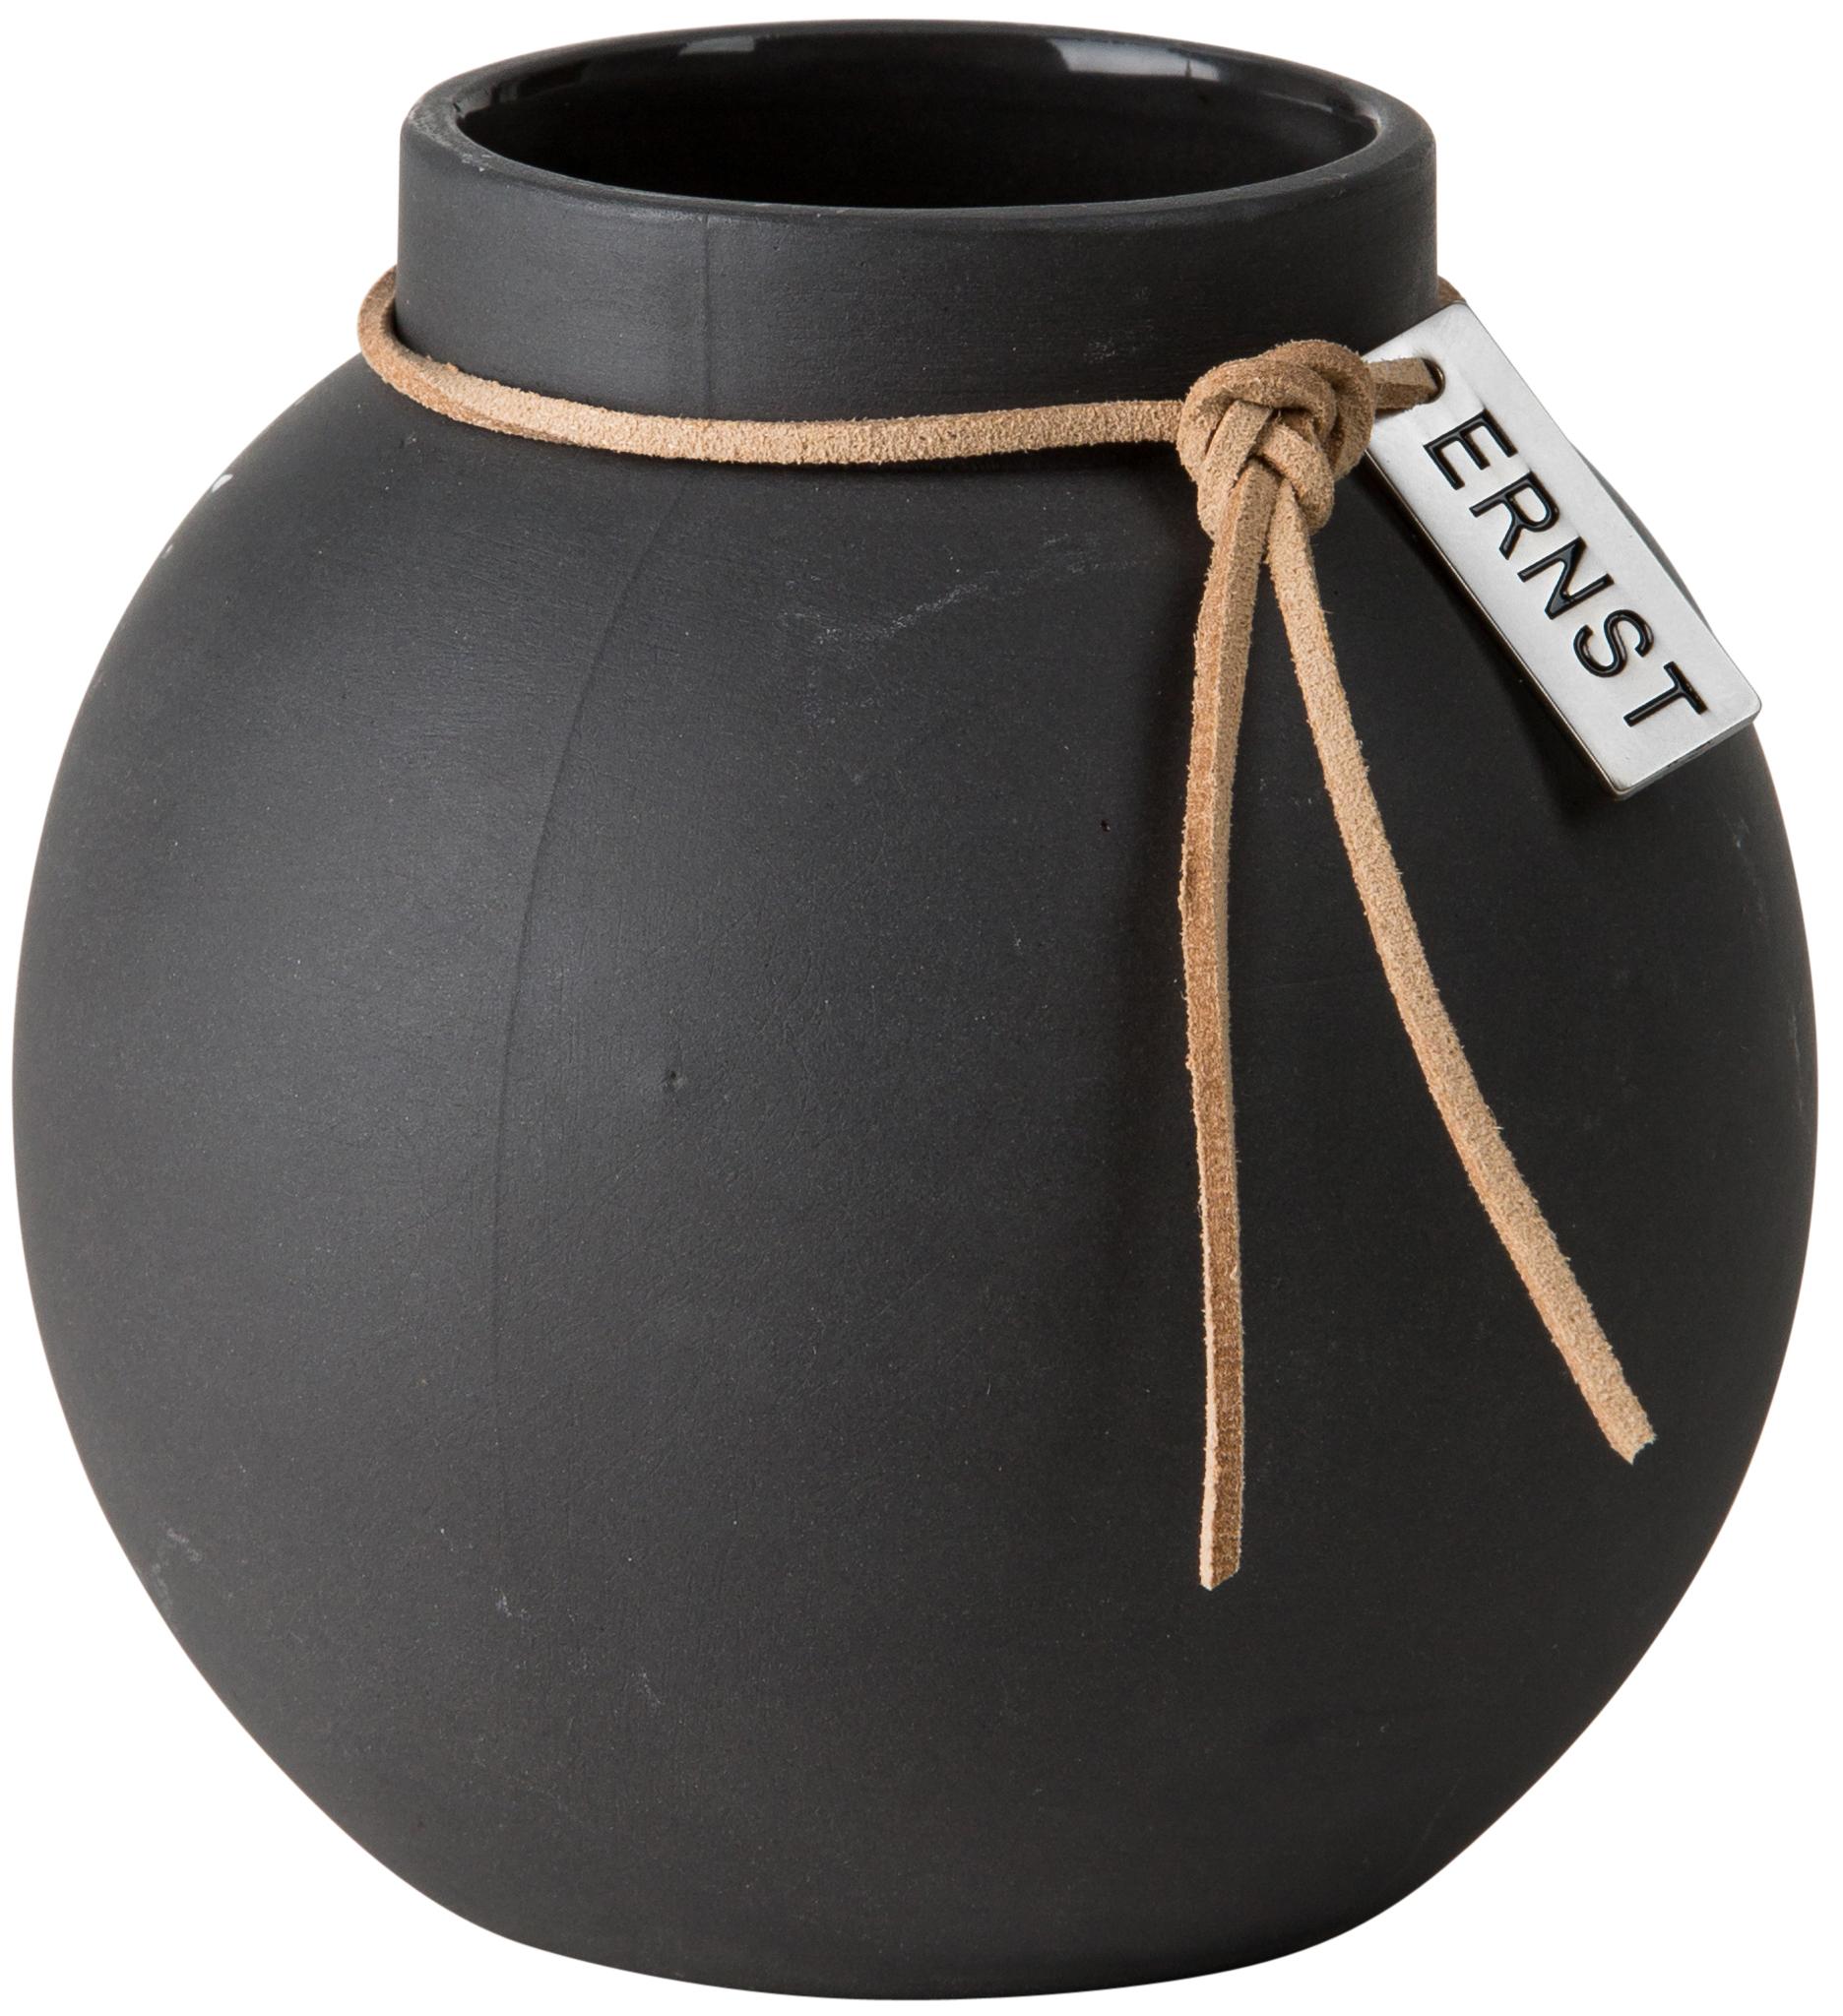 Vase Steingut rund ø 10 cm dunkelgrau - ERNST My Home and More